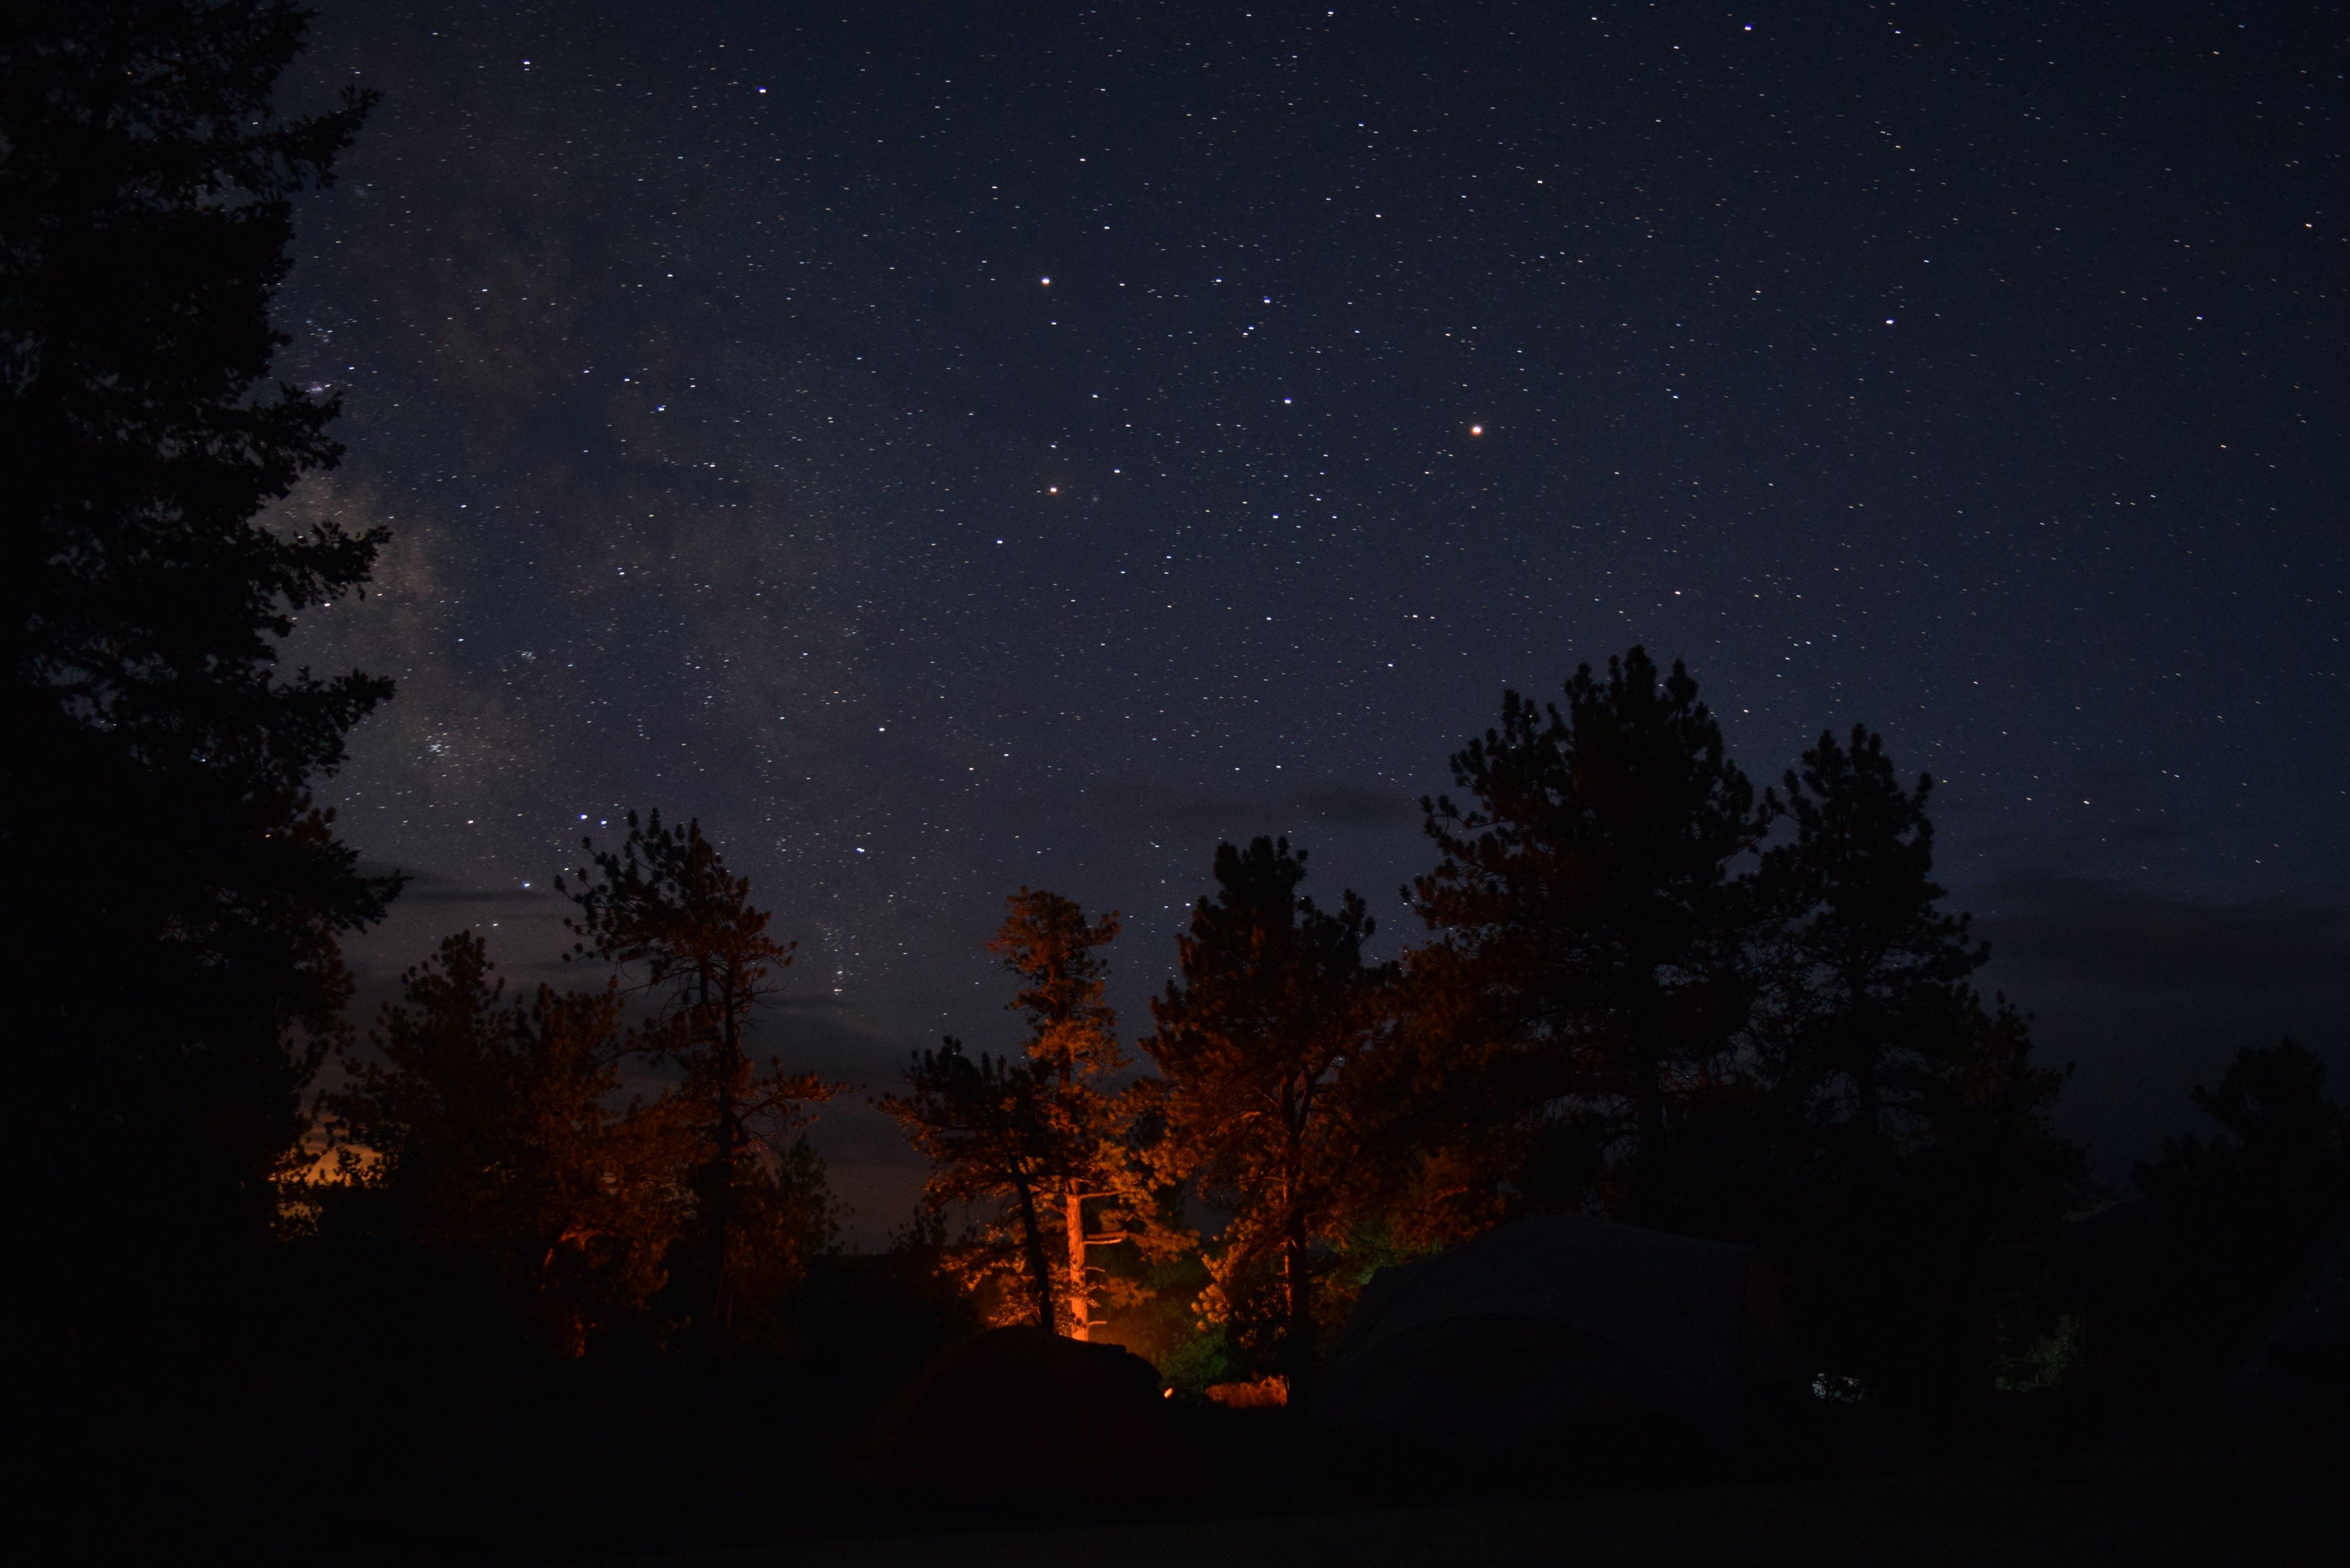 Kostenloses Stock Foto zu abend, astronomie, bäume, dämmerung